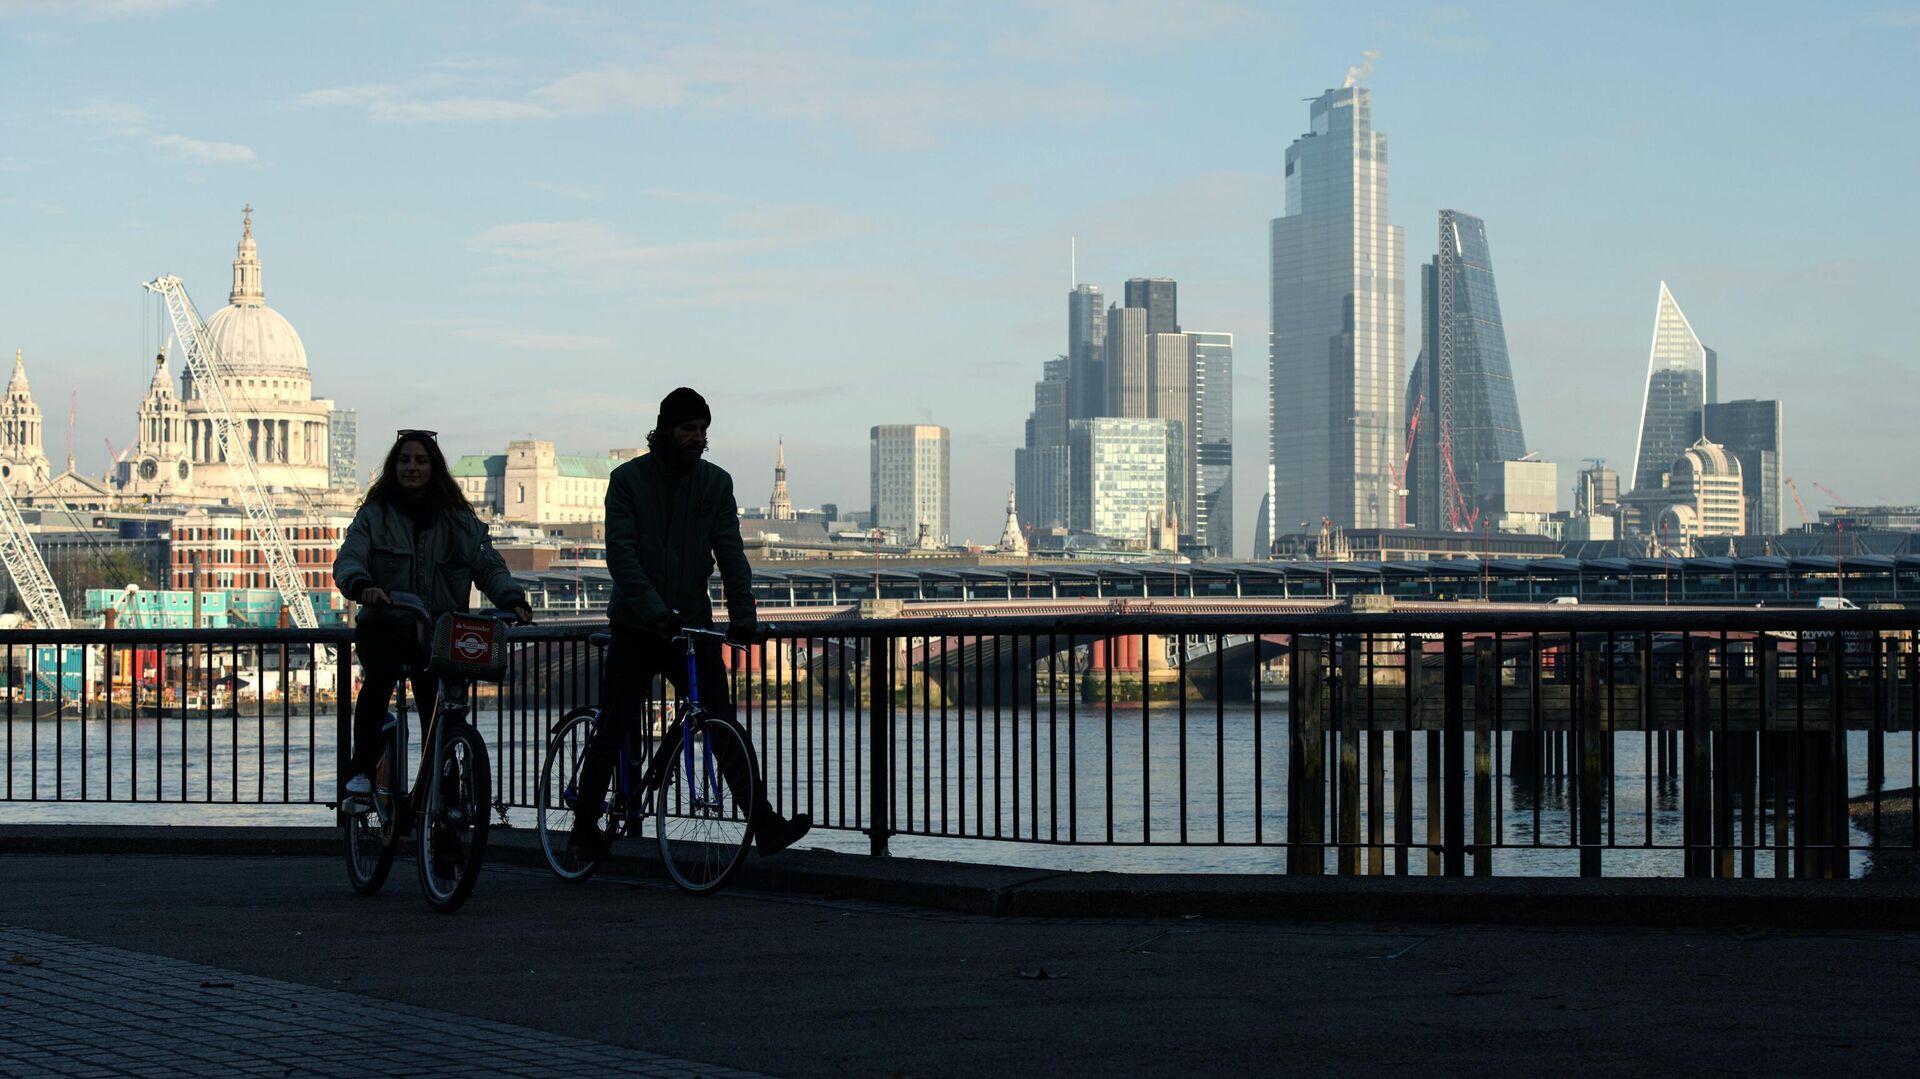 Вид на Лондон с южного берега Темзы во время карантина, введенного в связи с коронавирусом - РИА Новости, 1920, 13.10.2021